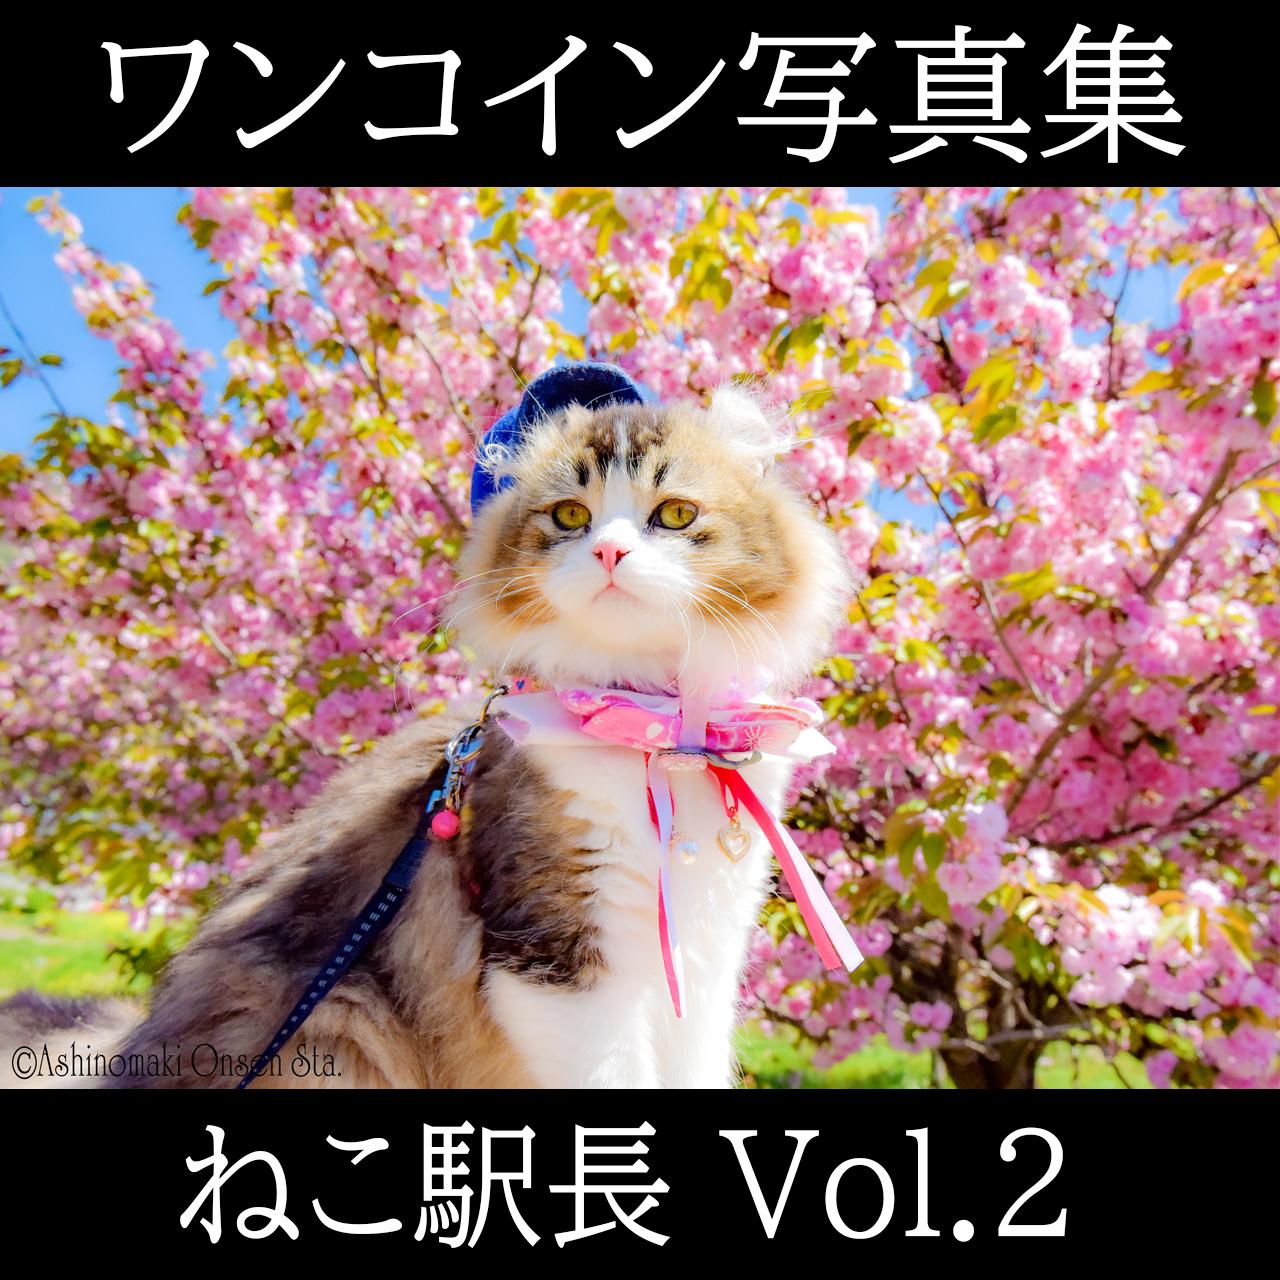 ねこ駅長 ワンコイン写真集 Vol.2